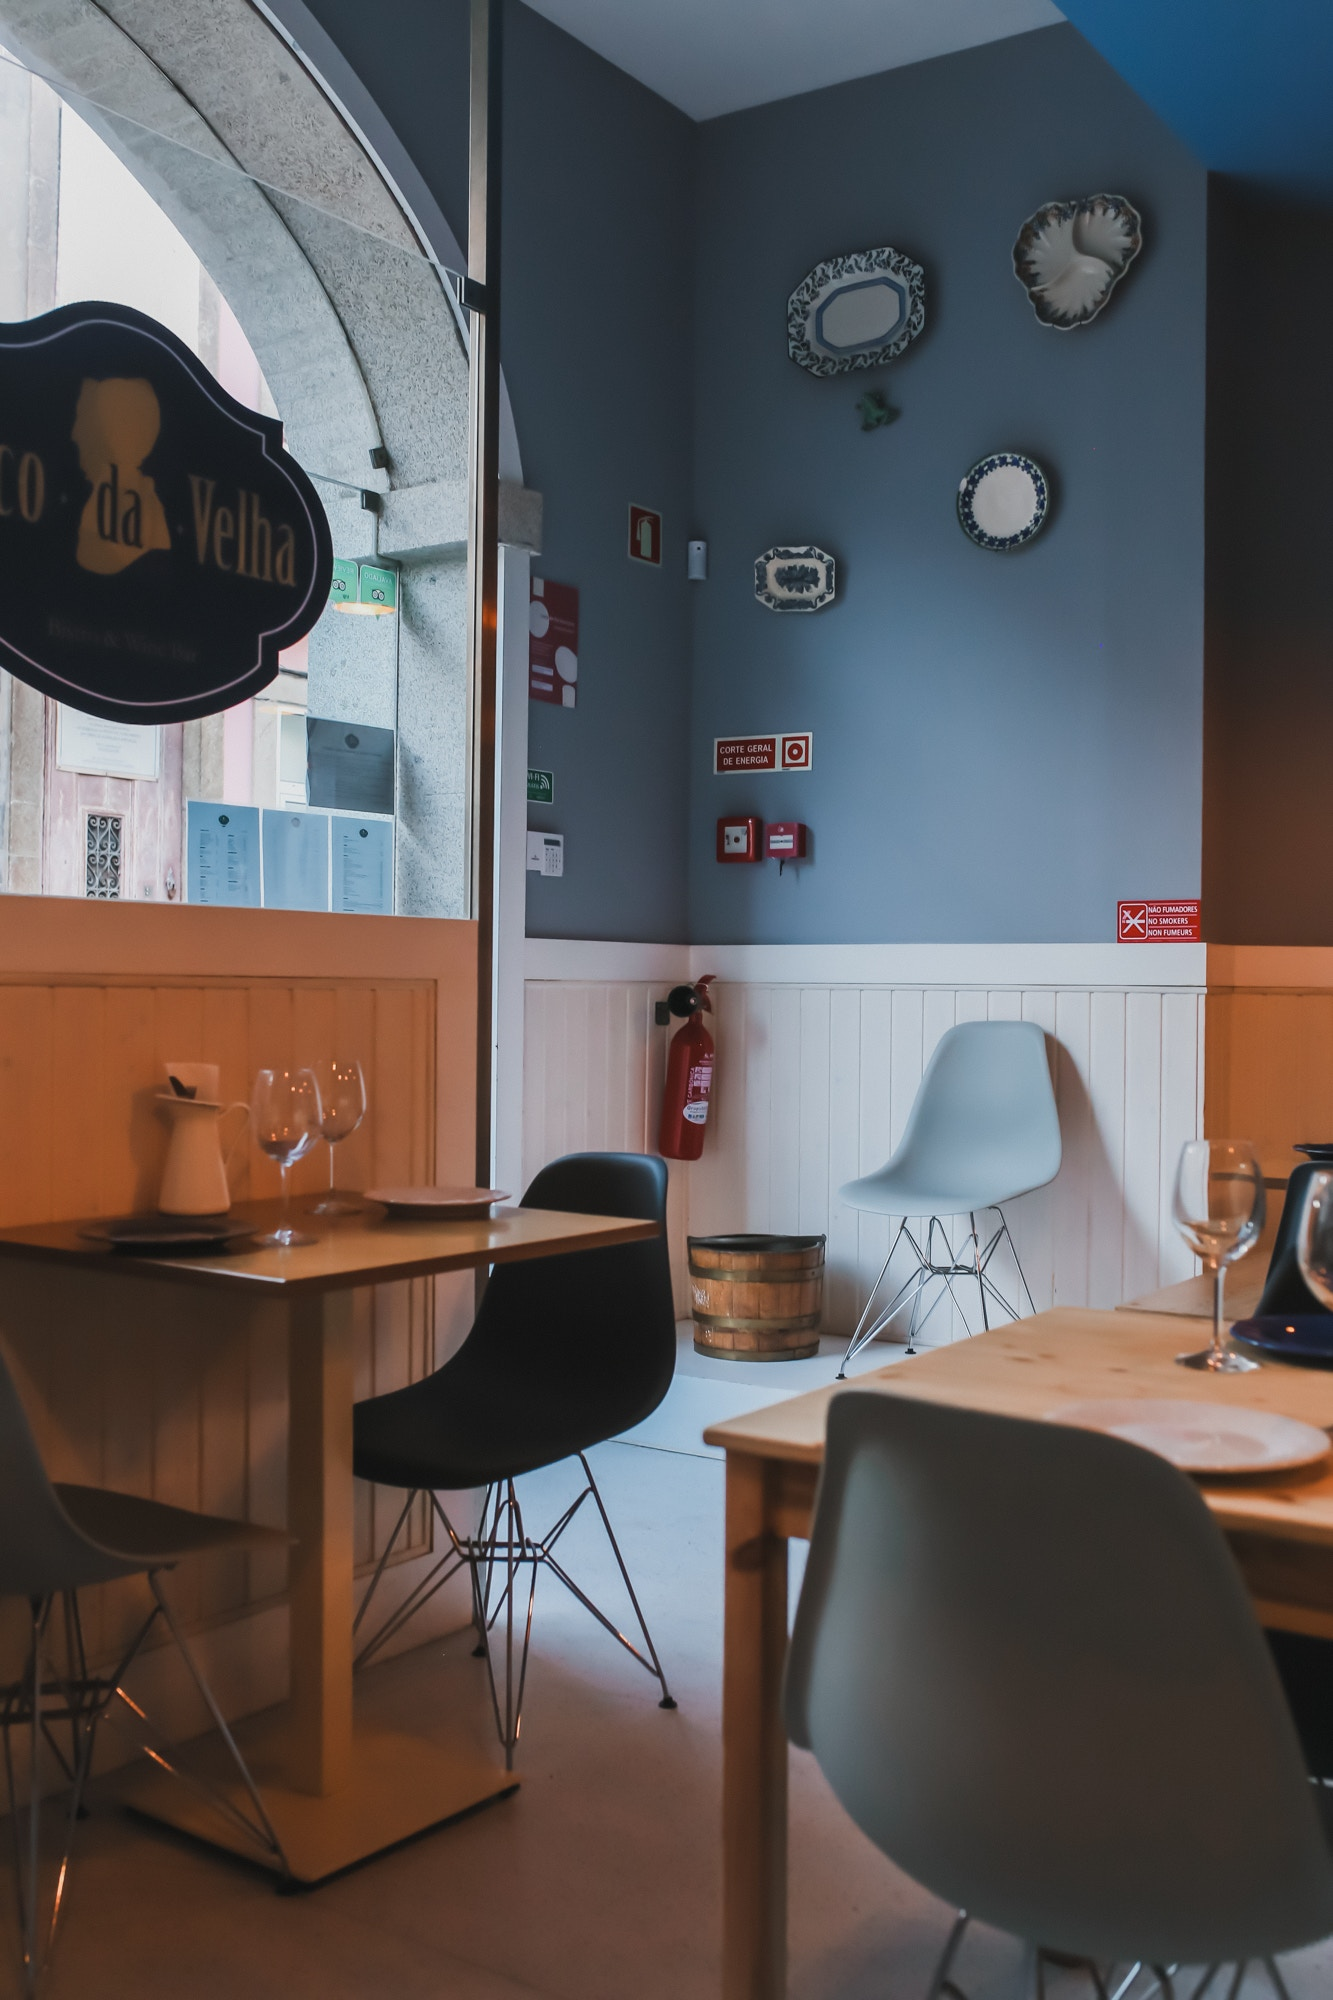 arco da velha restaurant porto review